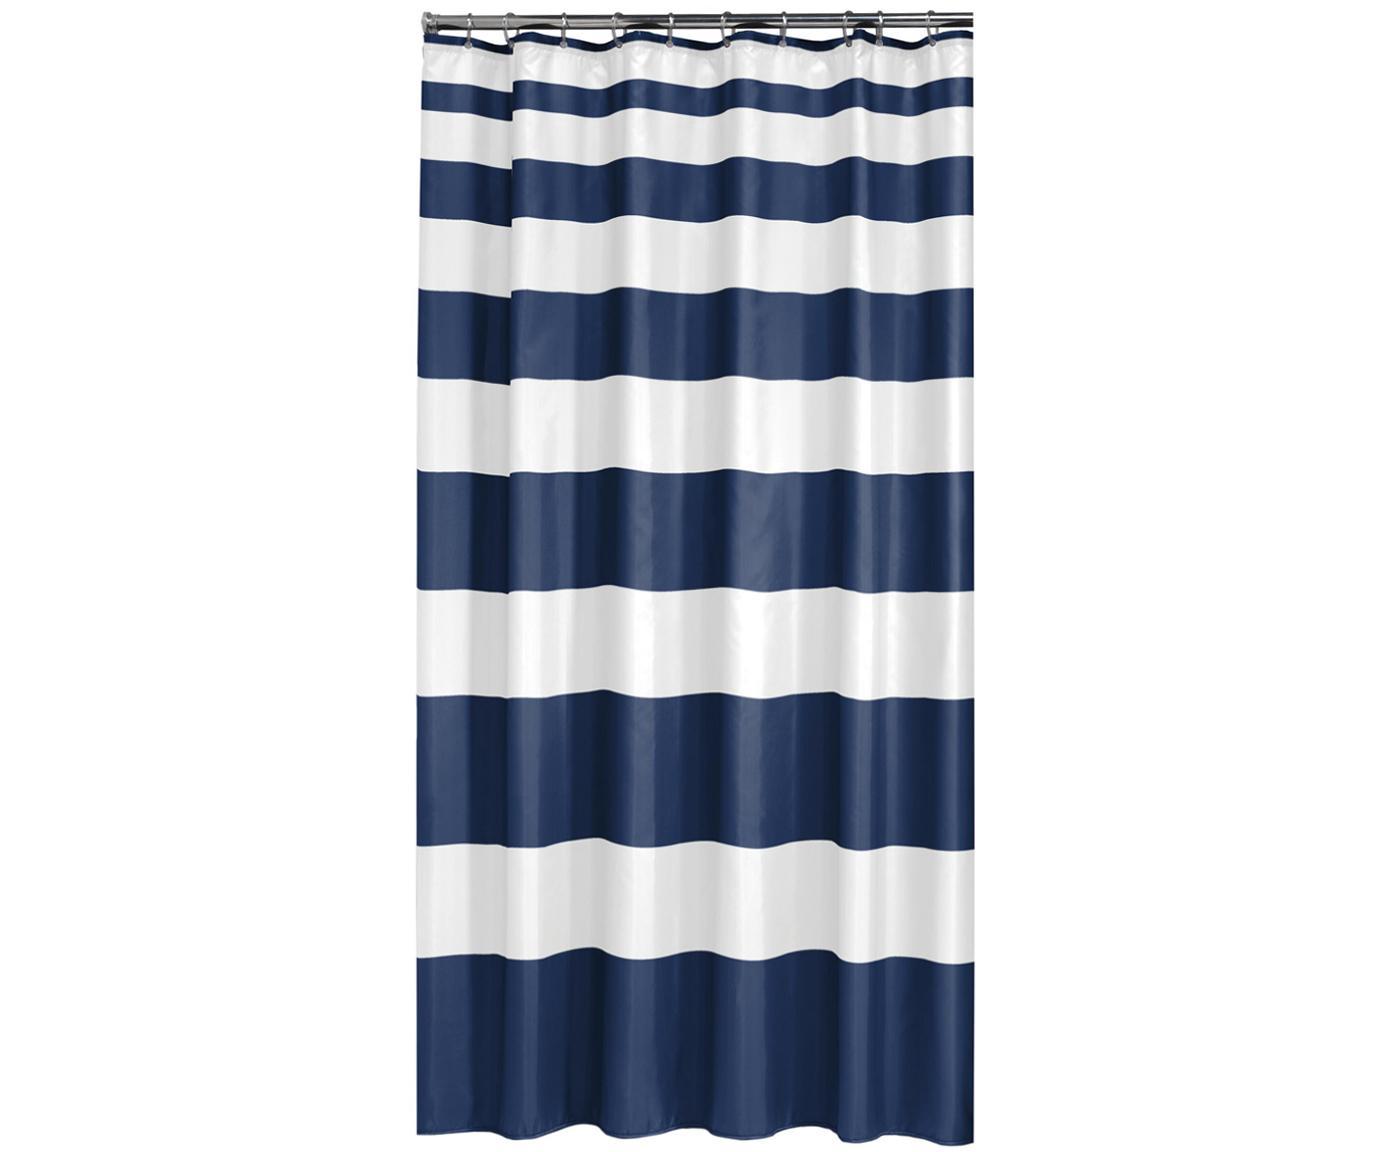 Tenda da doccia con listelli  Nautica, 100% poliestere Idrorepellente non impermeabile, Blu, bianco, Larg. 180 x Lung. 200 cm